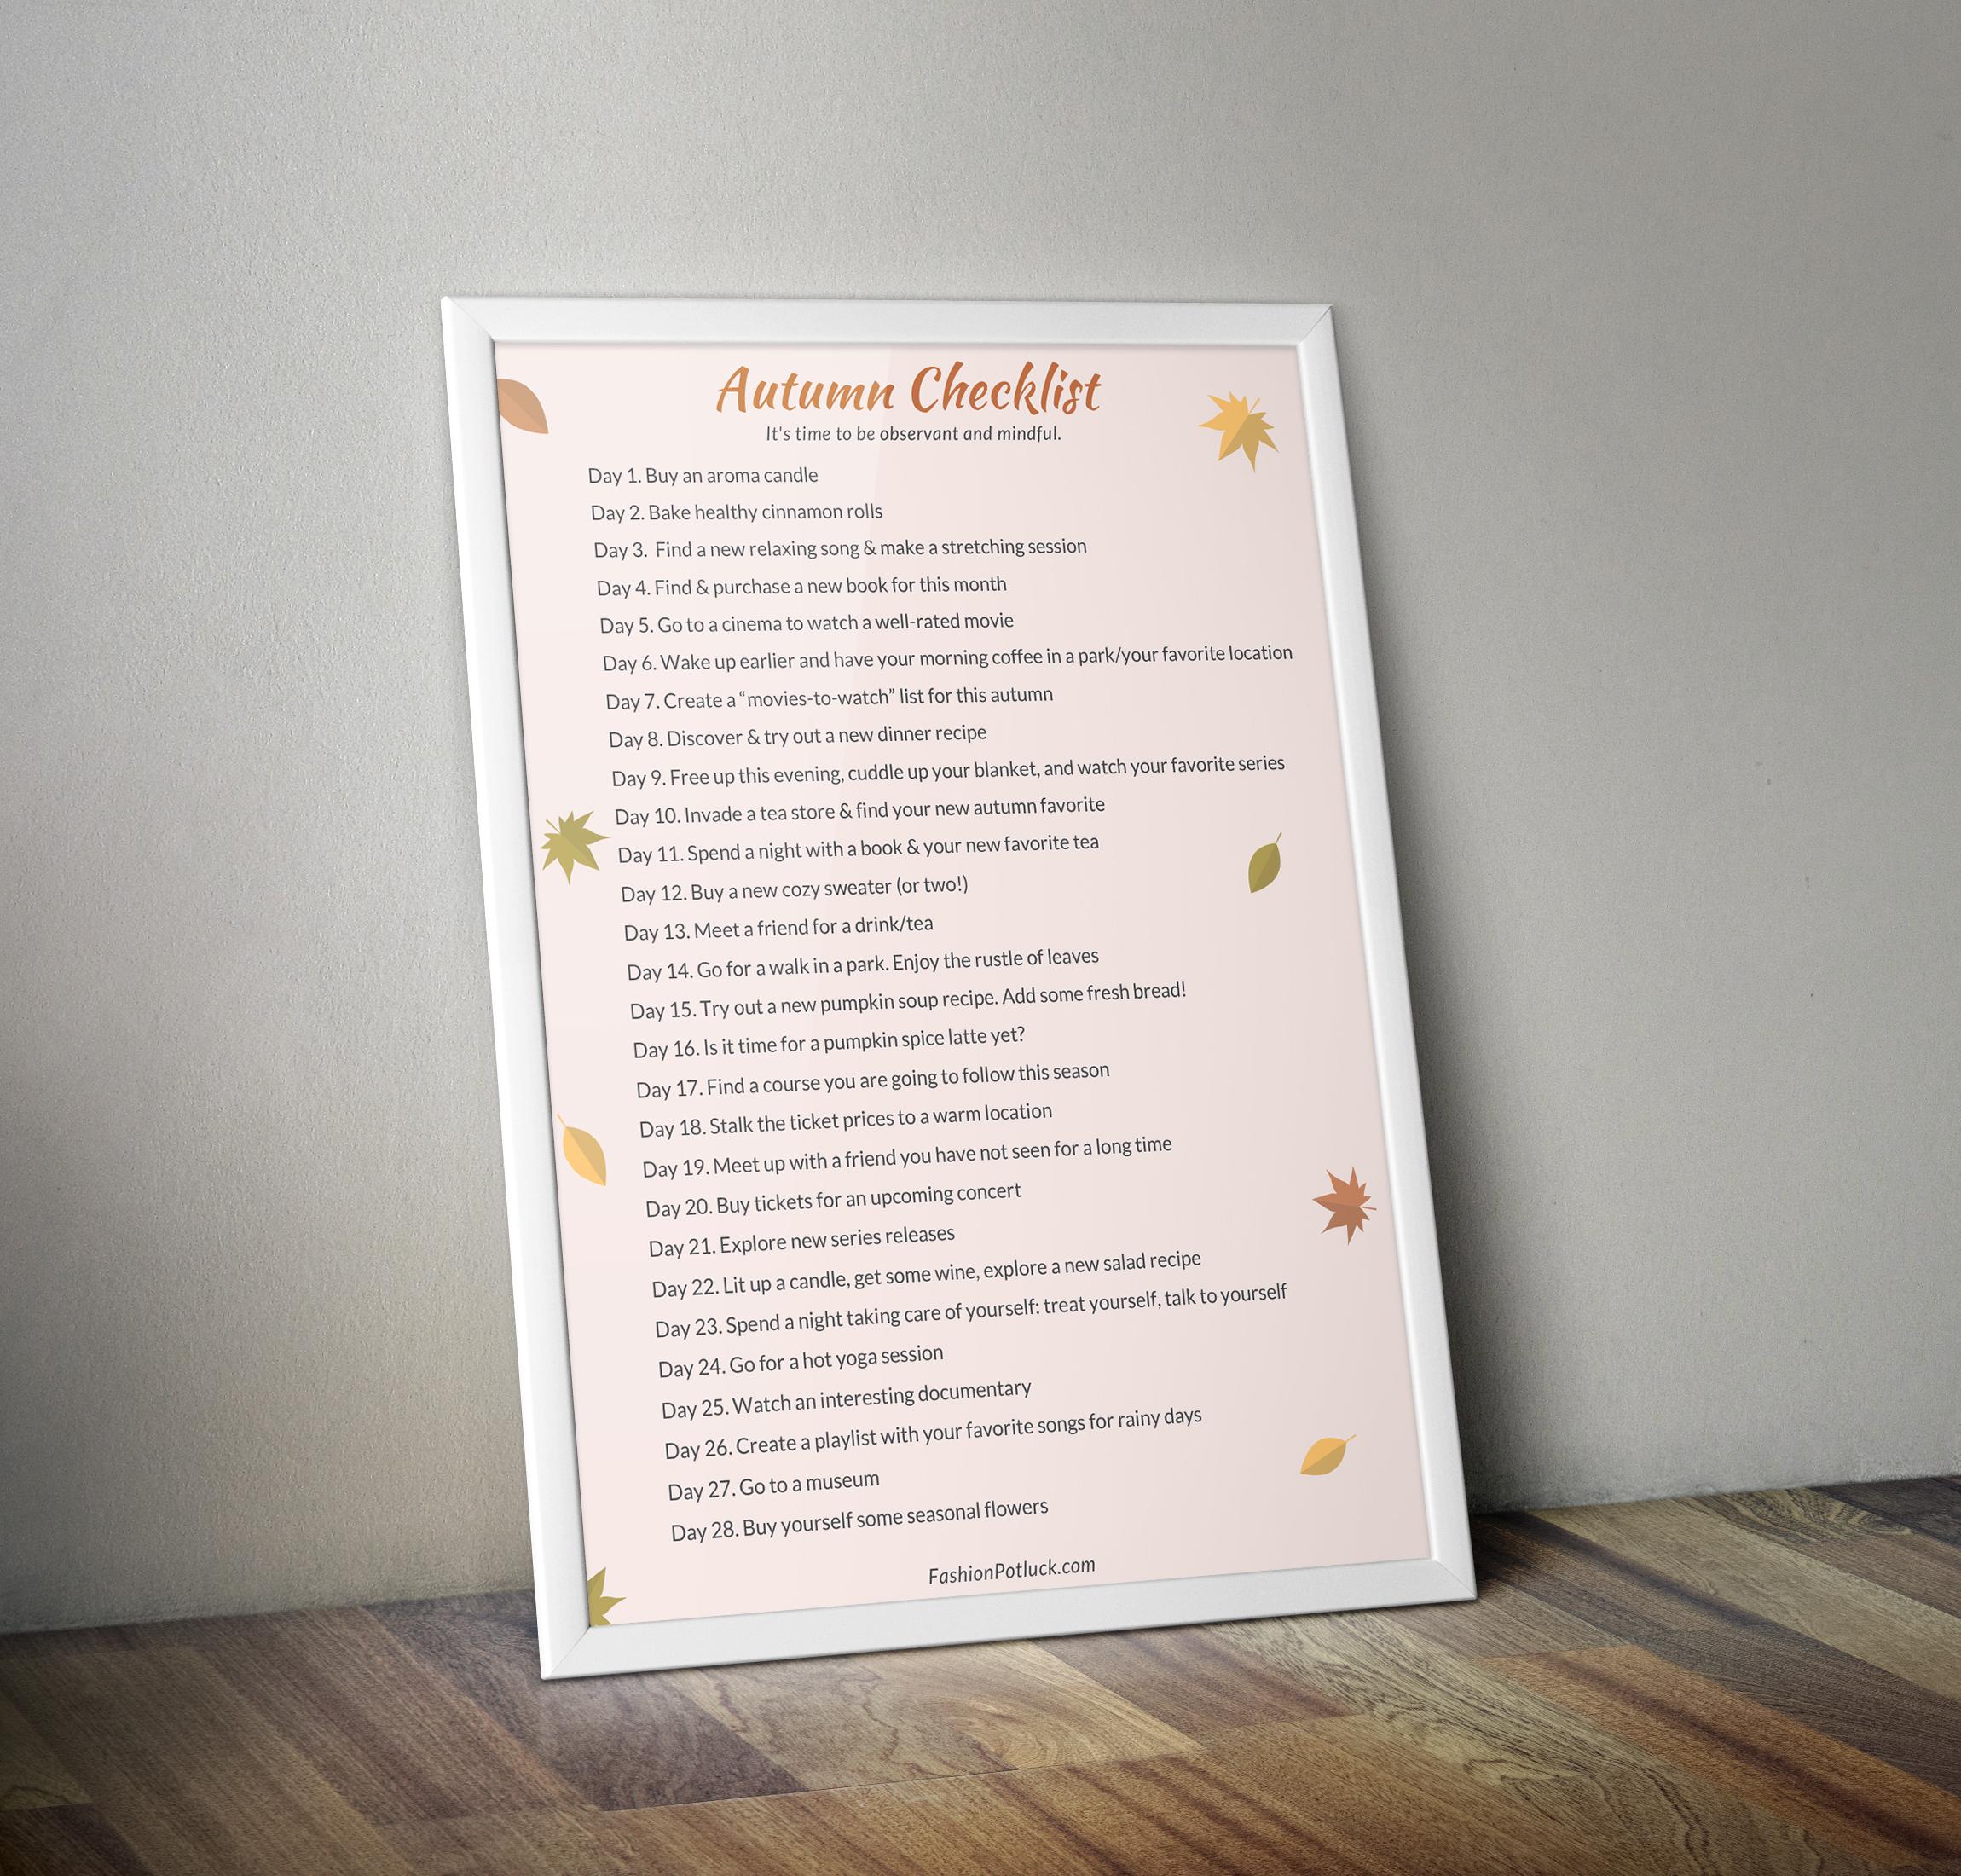 Autumn Self-Care Checklist